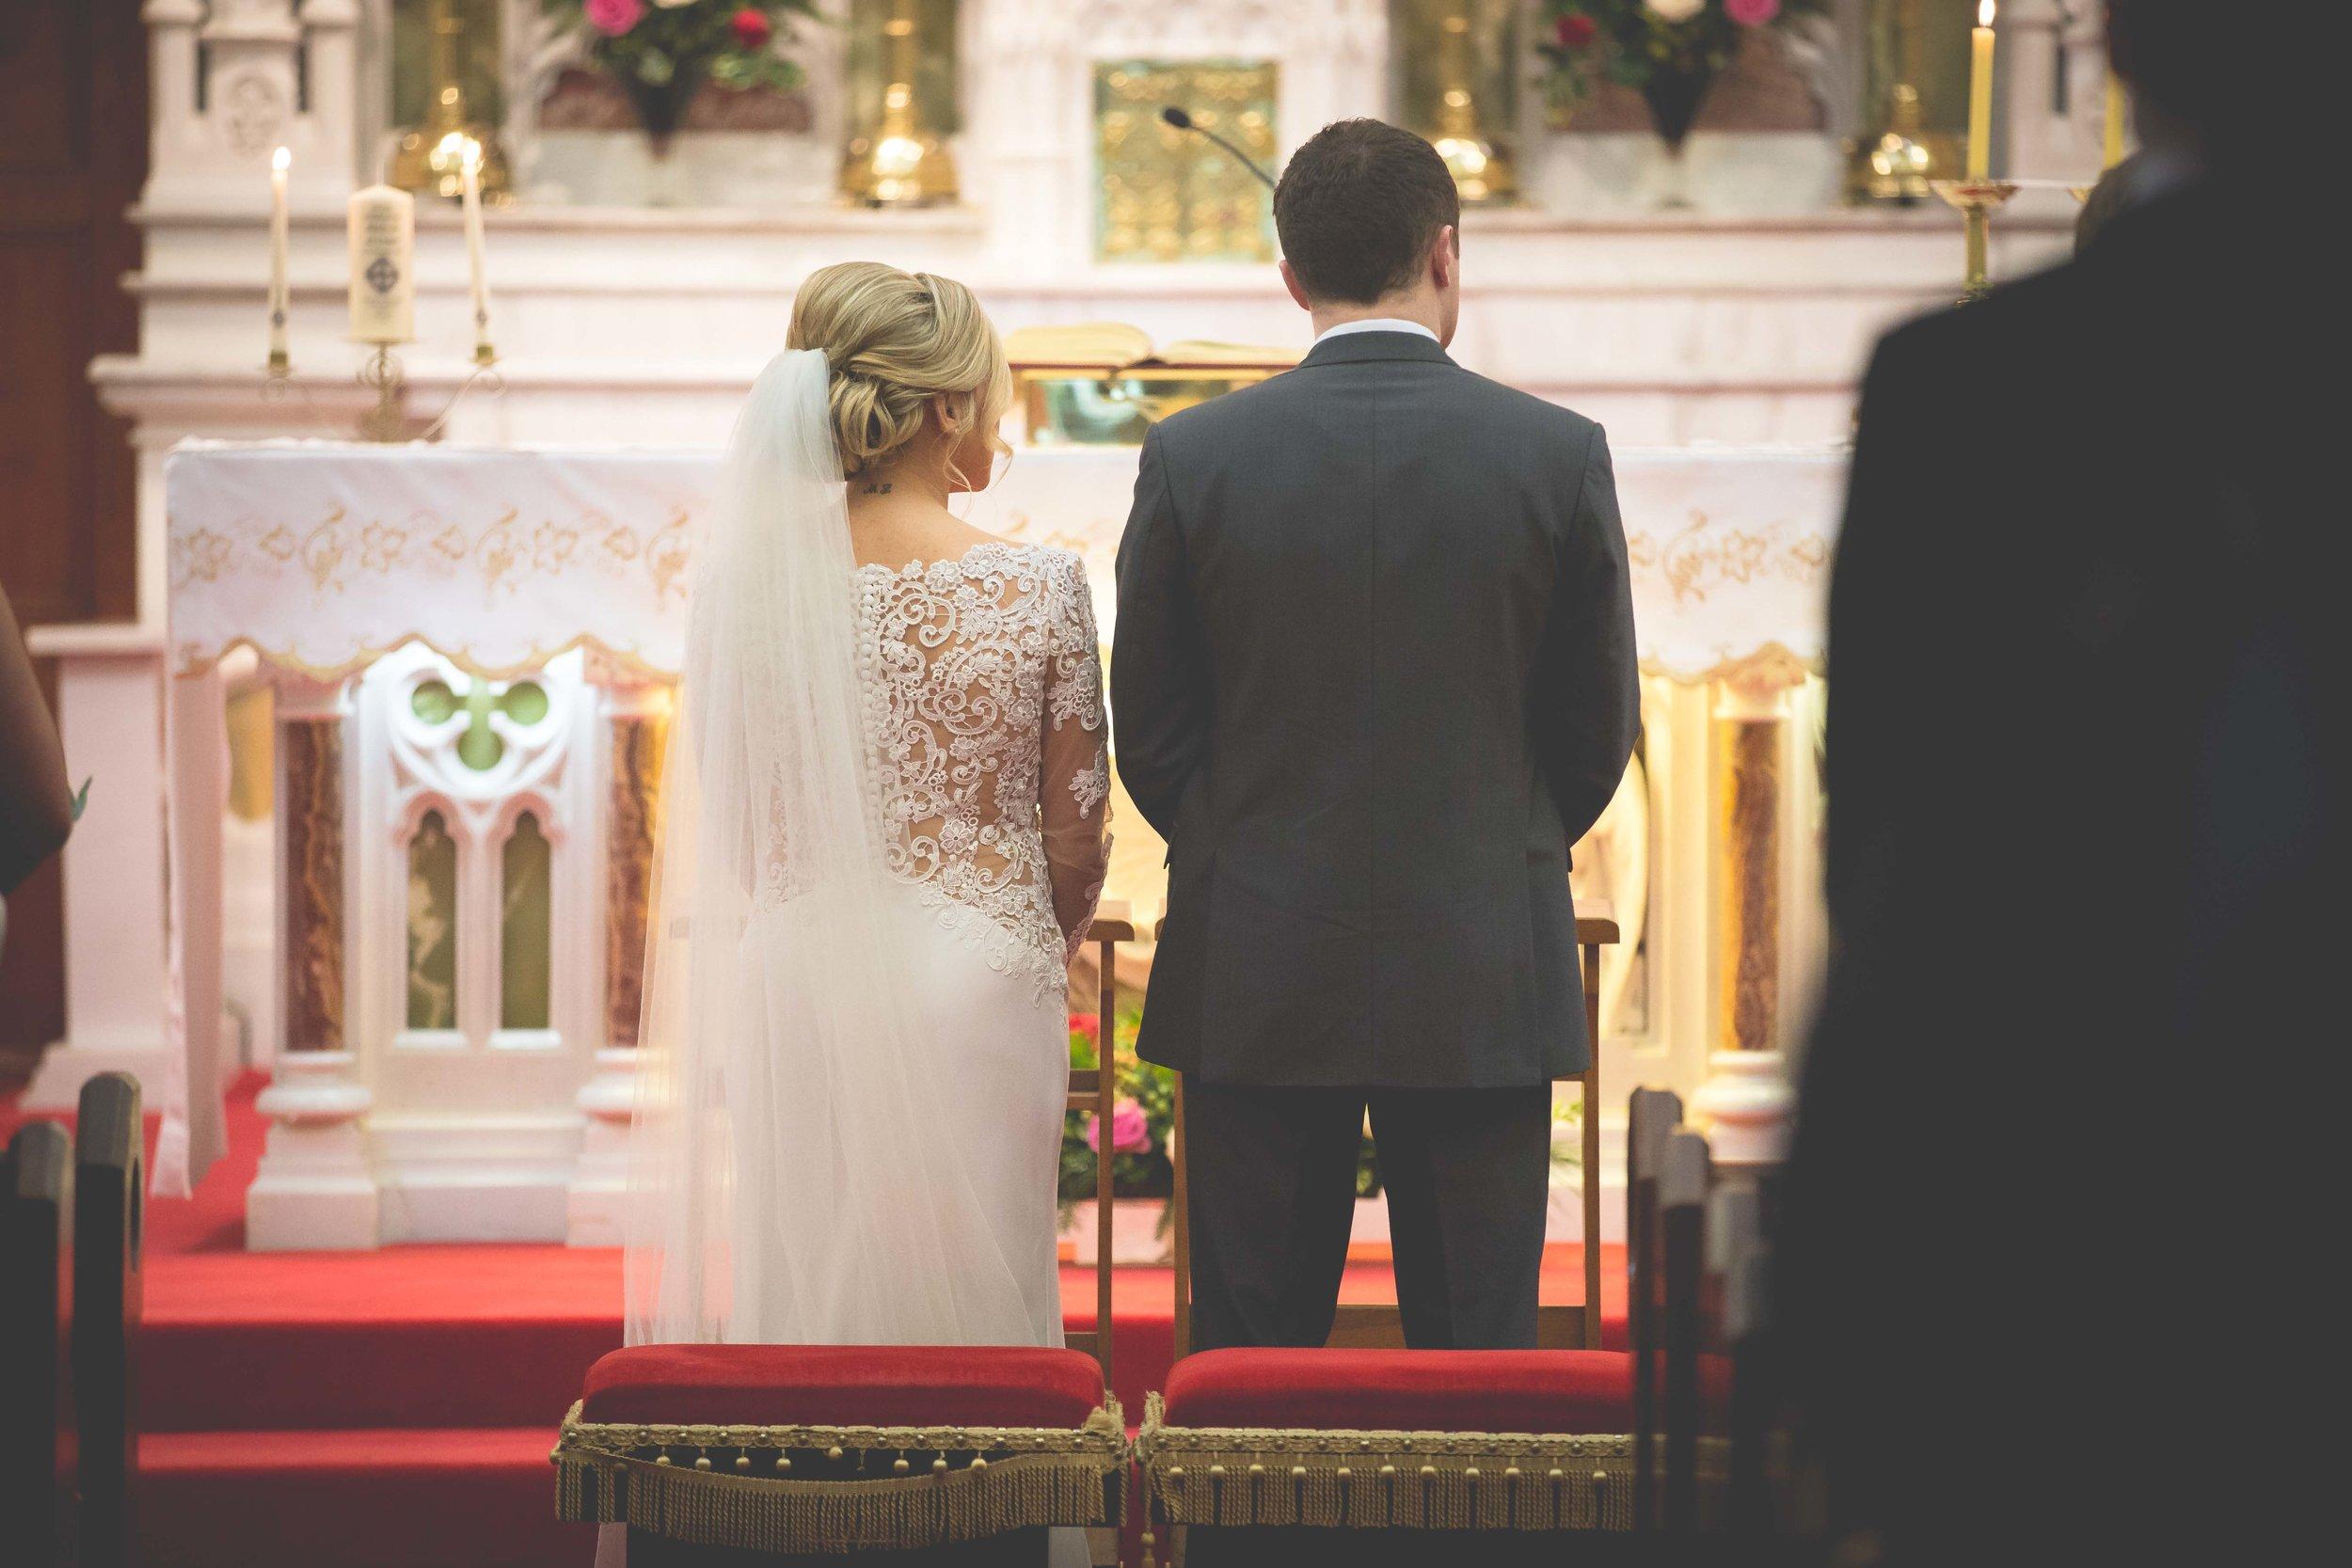 MaryJo_Conor_Mageean_Ceremony-43.jpg